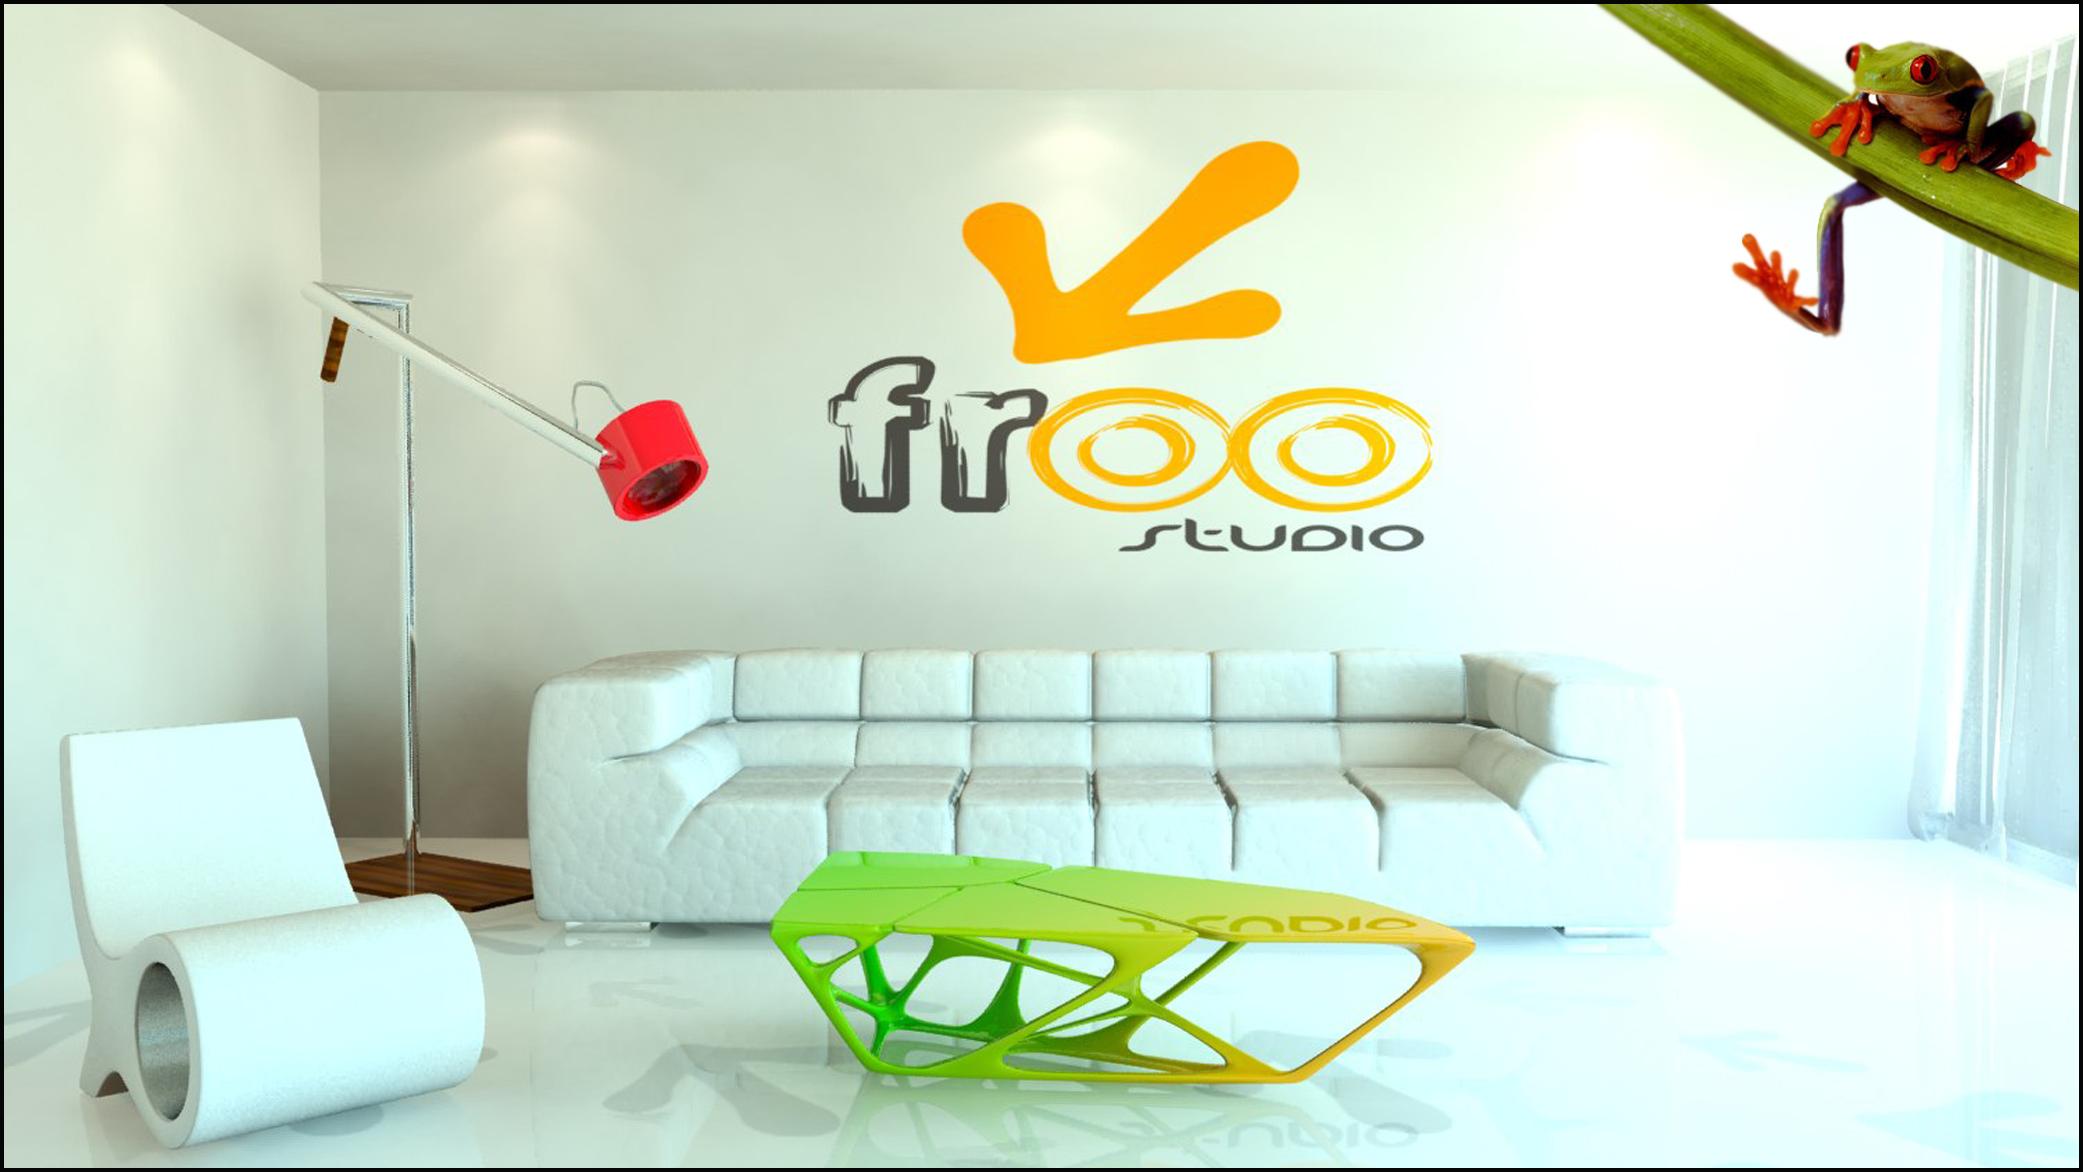 Froo Studio By Katarzyna Durlej At Coroflot